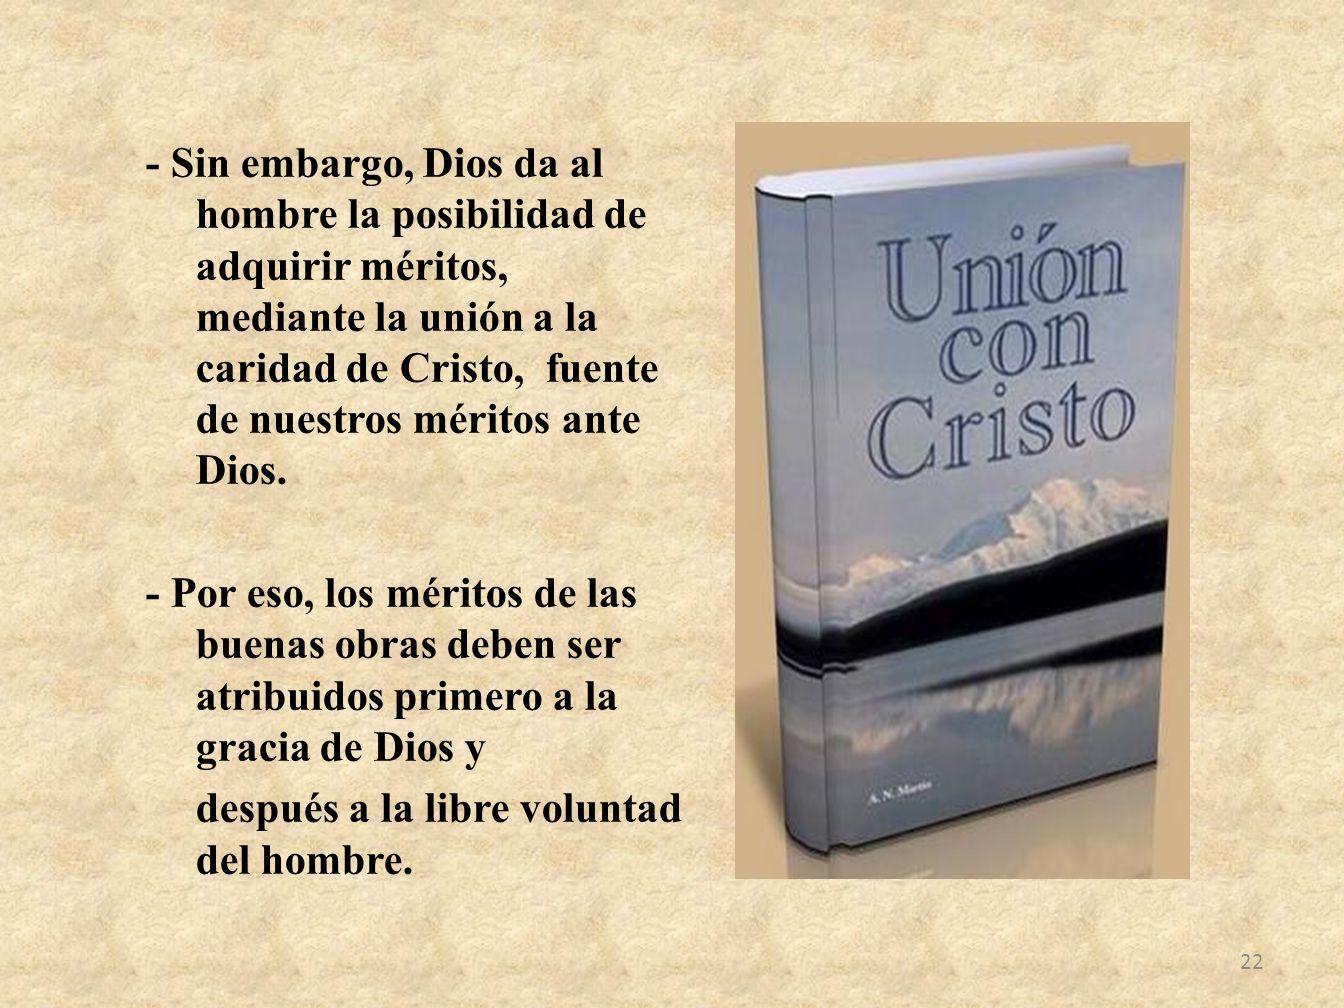 - Sin embargo, Dios da al hombre la posibilidad de adquirir méritos, mediante la unión a la caridad de Cristo, fuente de nuestros méritos ante Dios.